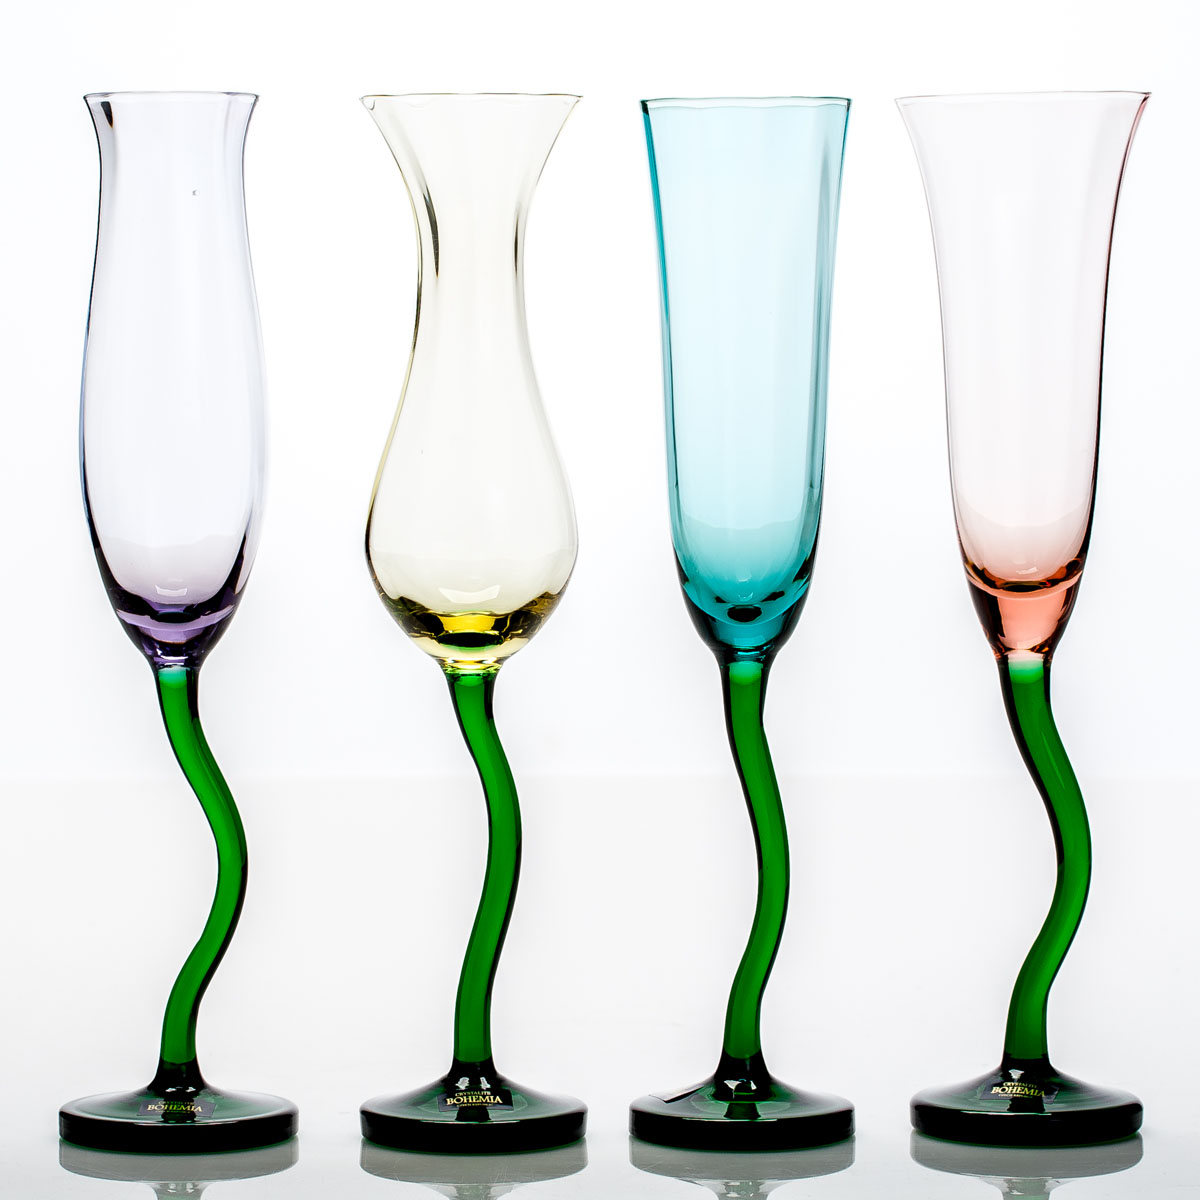 """Набор фужеров для шампанского """"Цветы"""", состоящий из двух фужеров,  несомненно, придется вам по душе. Они изготовлены из прочного  высококачественного прозрачного стекла. Фужеры сочетают в себе элегантный  дизайн и функциональность. Благодаря такому набору пить напитки будет еще  вкуснее."""